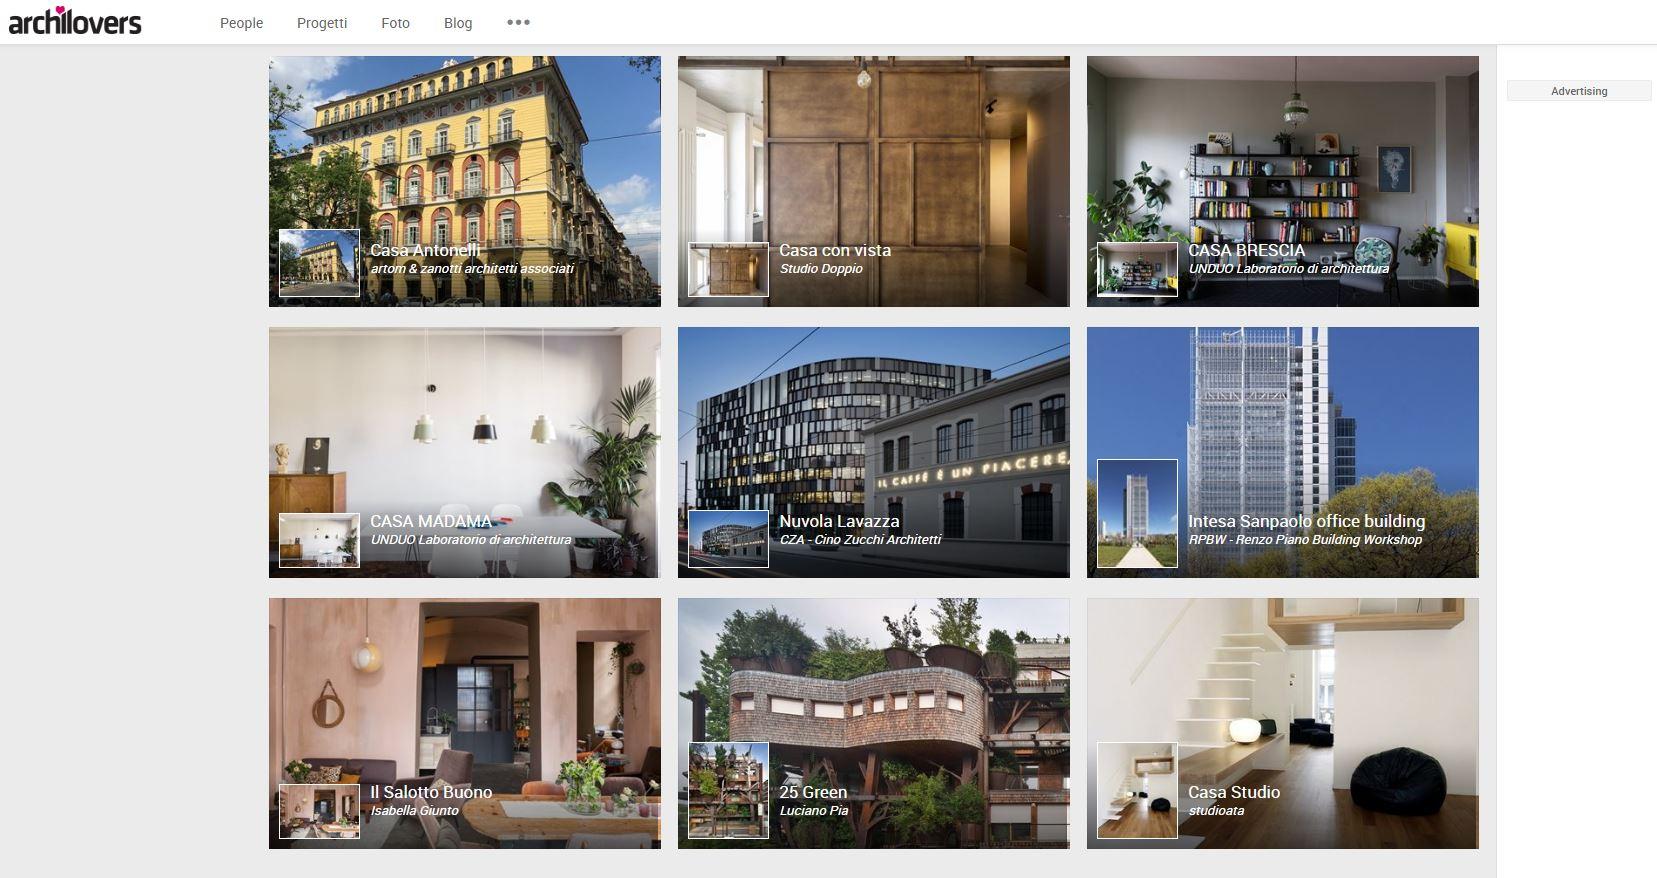 Colletive Space Manual House Fabio Galeazzo Simple Attività Dello Studio Di Architettura Artom Zanotti 5836 5